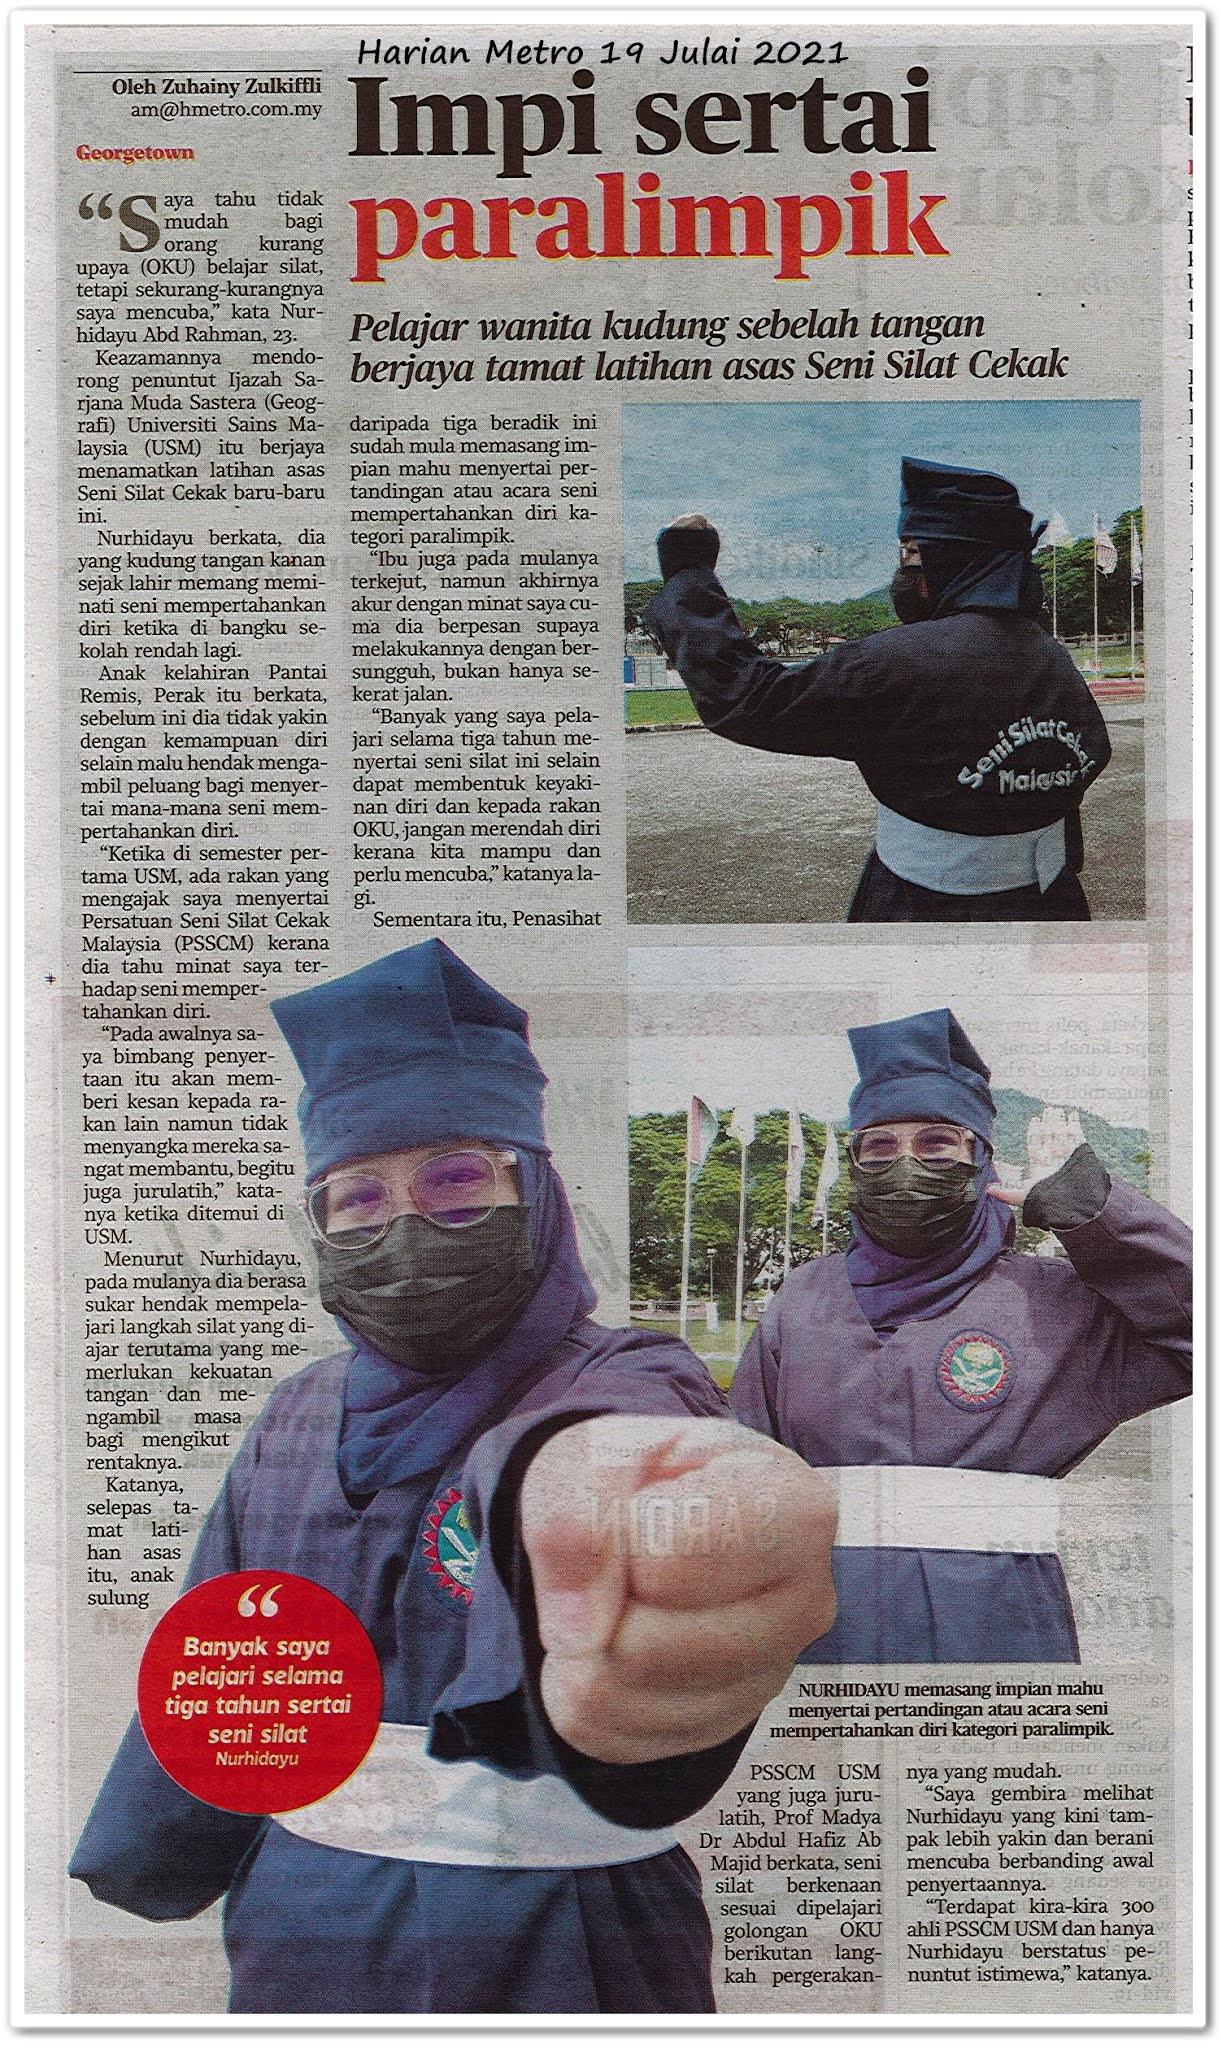 Impi sertai paralimpik - Keratan akhbar Harian Metro 19 Julai 2021